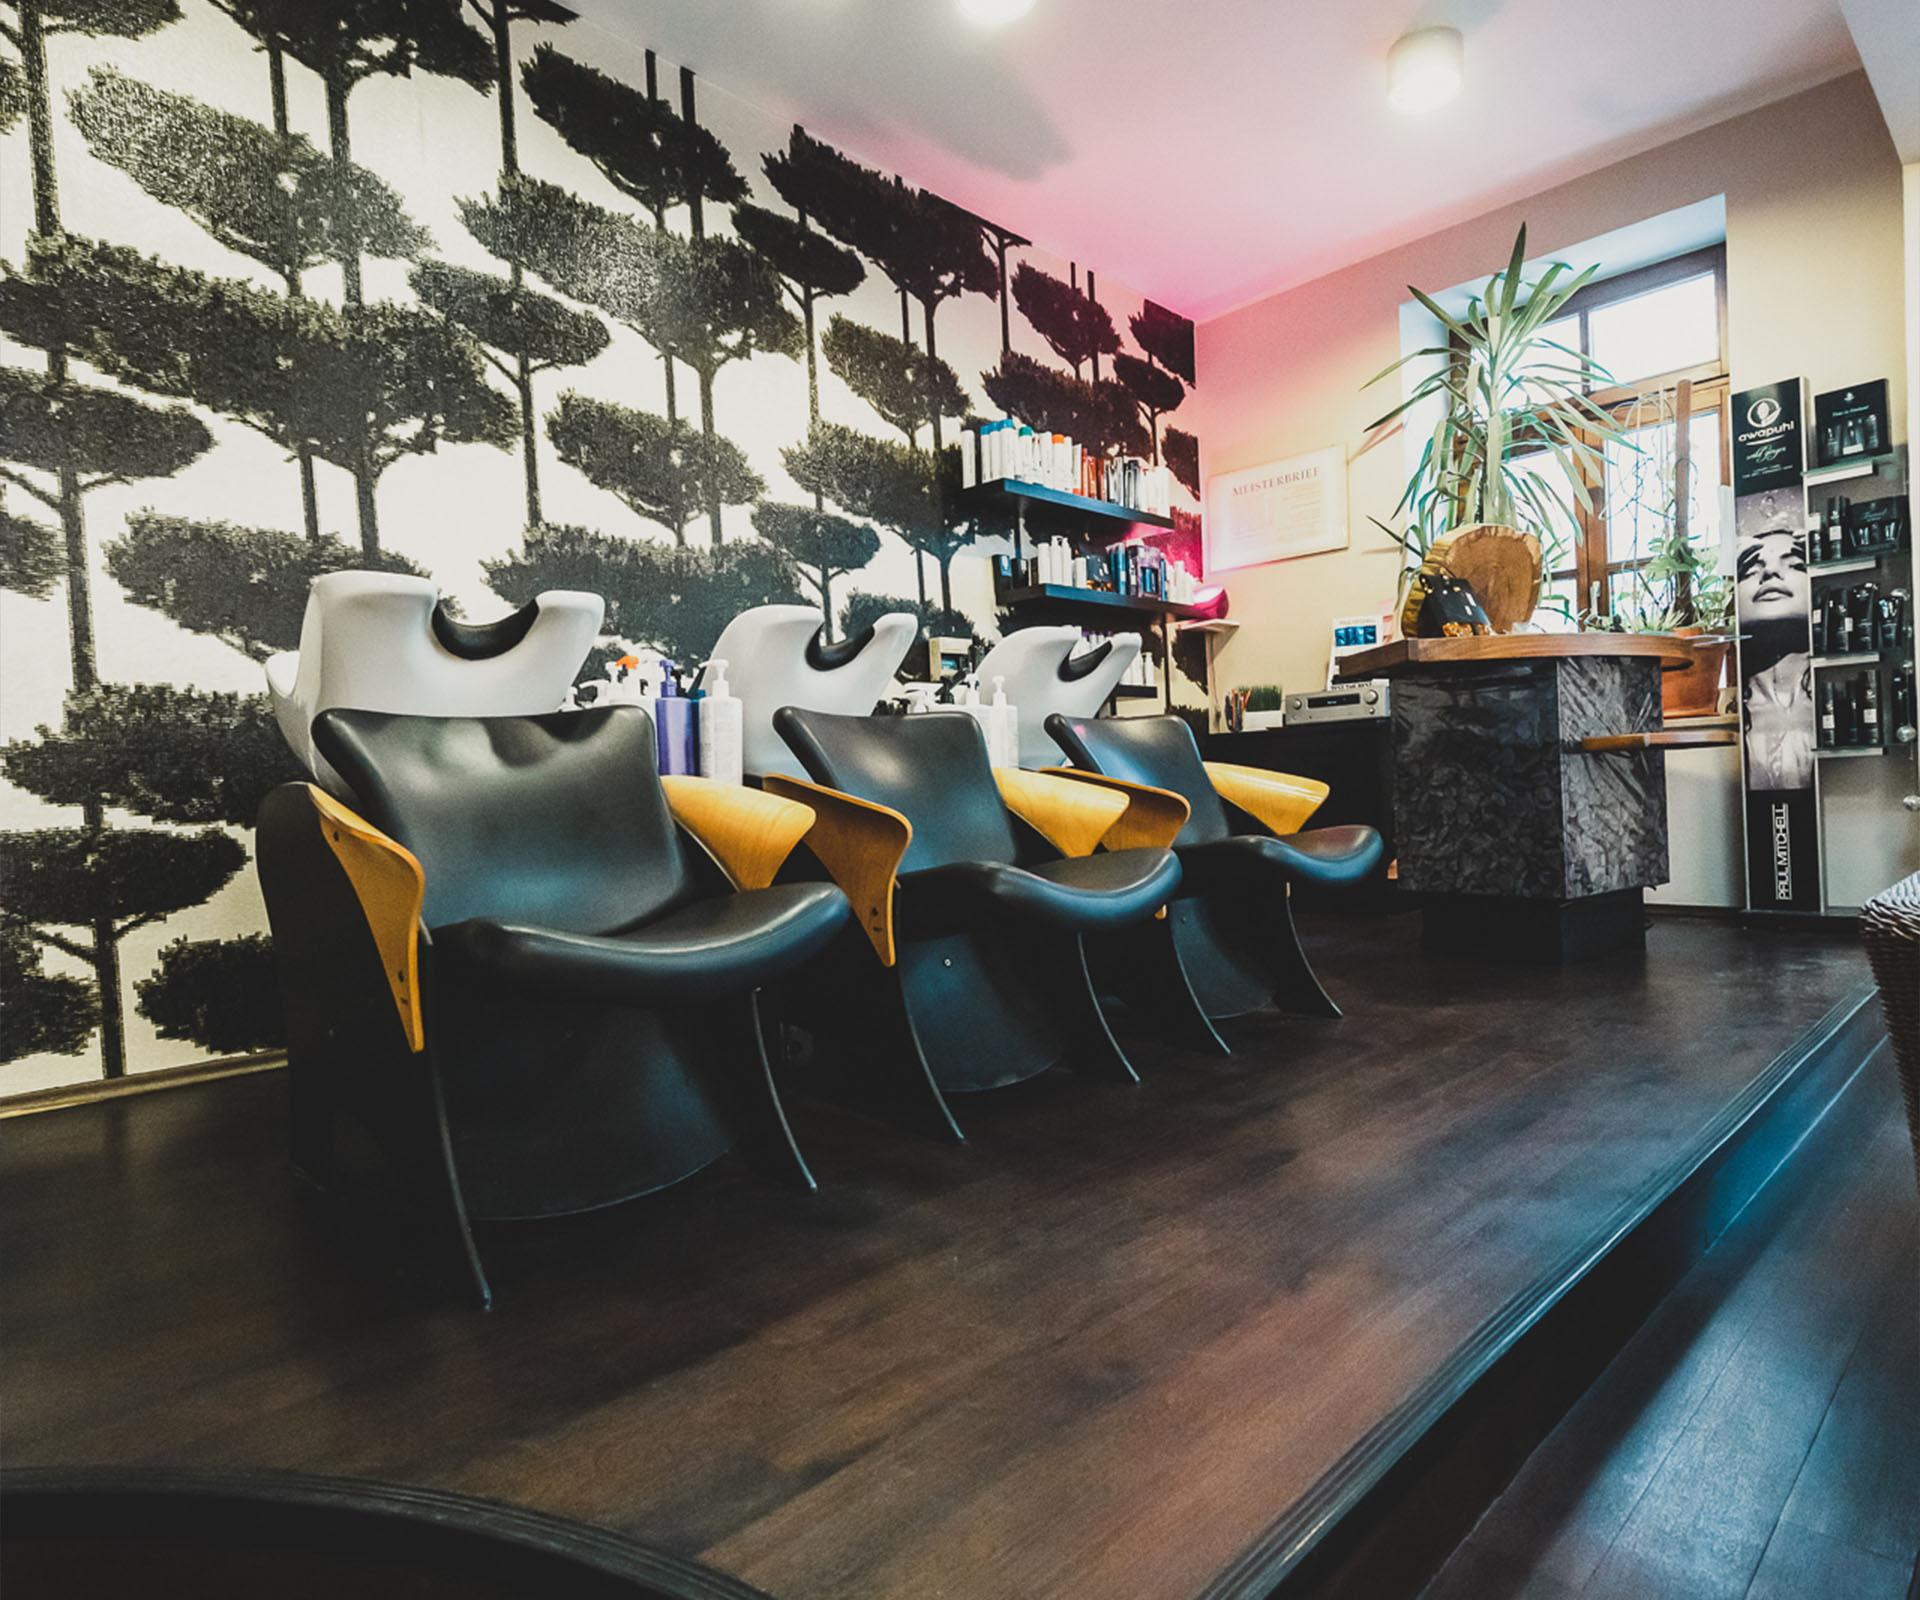 X Hair Ihr Top Friseur Salon In München Paul Mitchell Focus